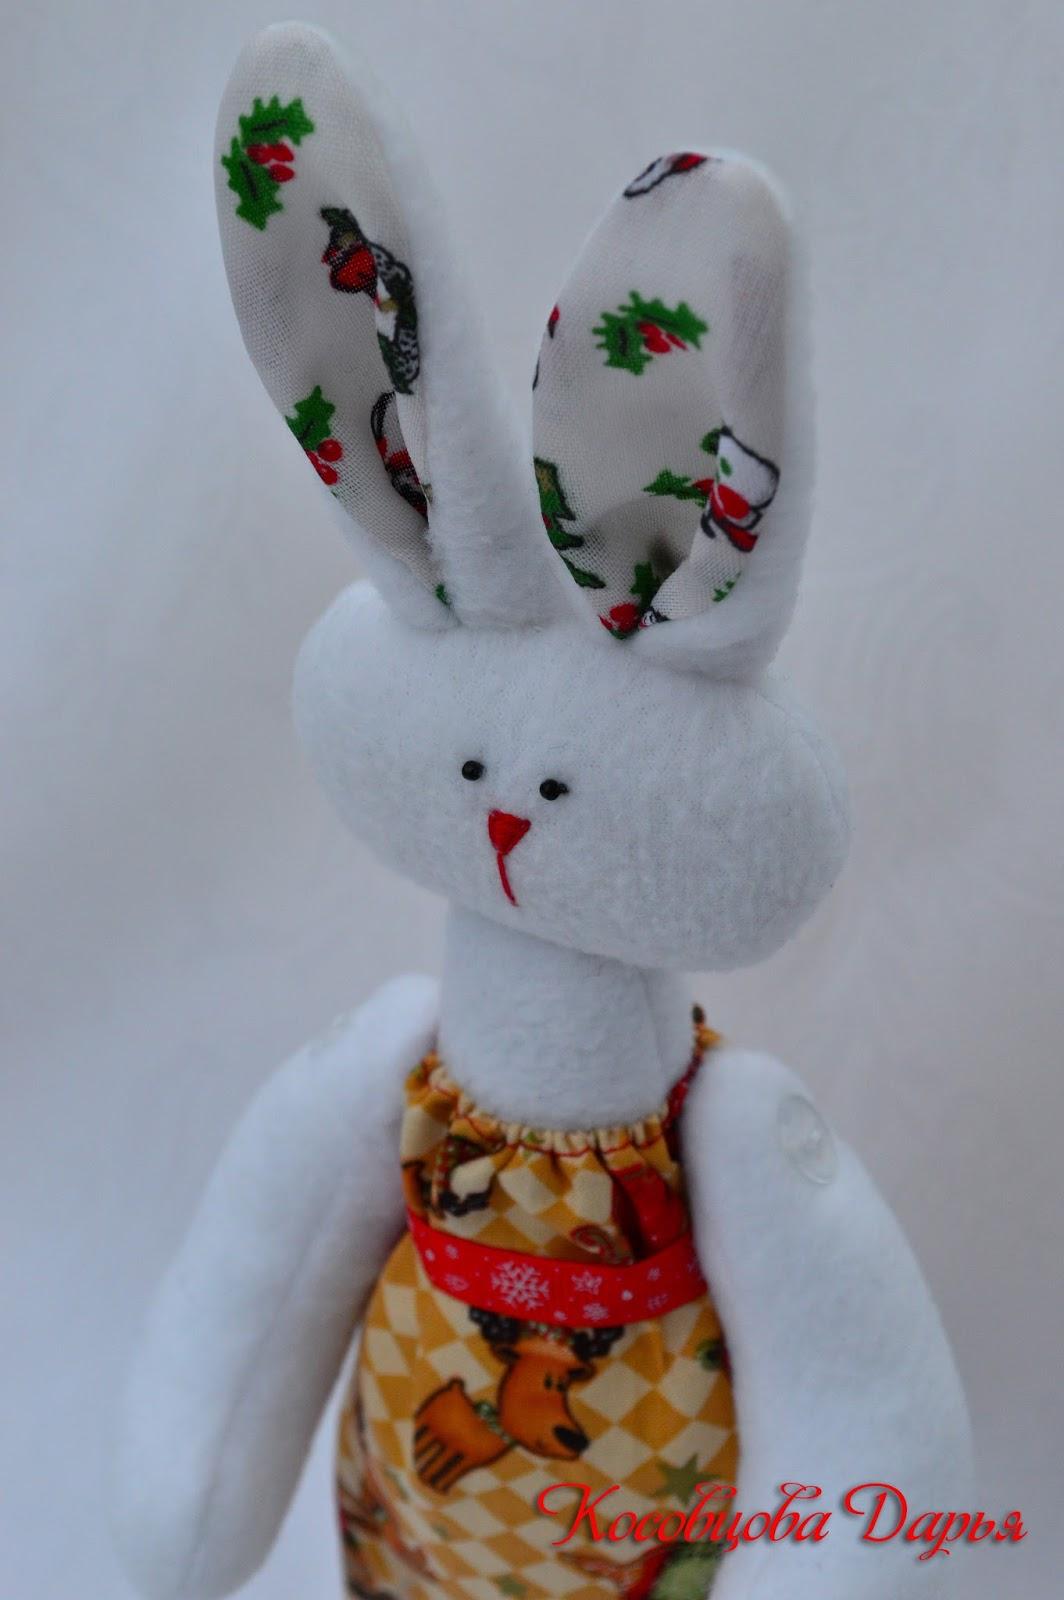 игрушки купить киев, ручная работа Киев, авторские зайцы, зайчики, зайцы пары, парочки, влюбленные зайцы Tilda, ручная работа, игрушки Киев, подарки на день рождения, подарок на свадьбу, свадебные зайчики, купить подарок ручной работы Киев